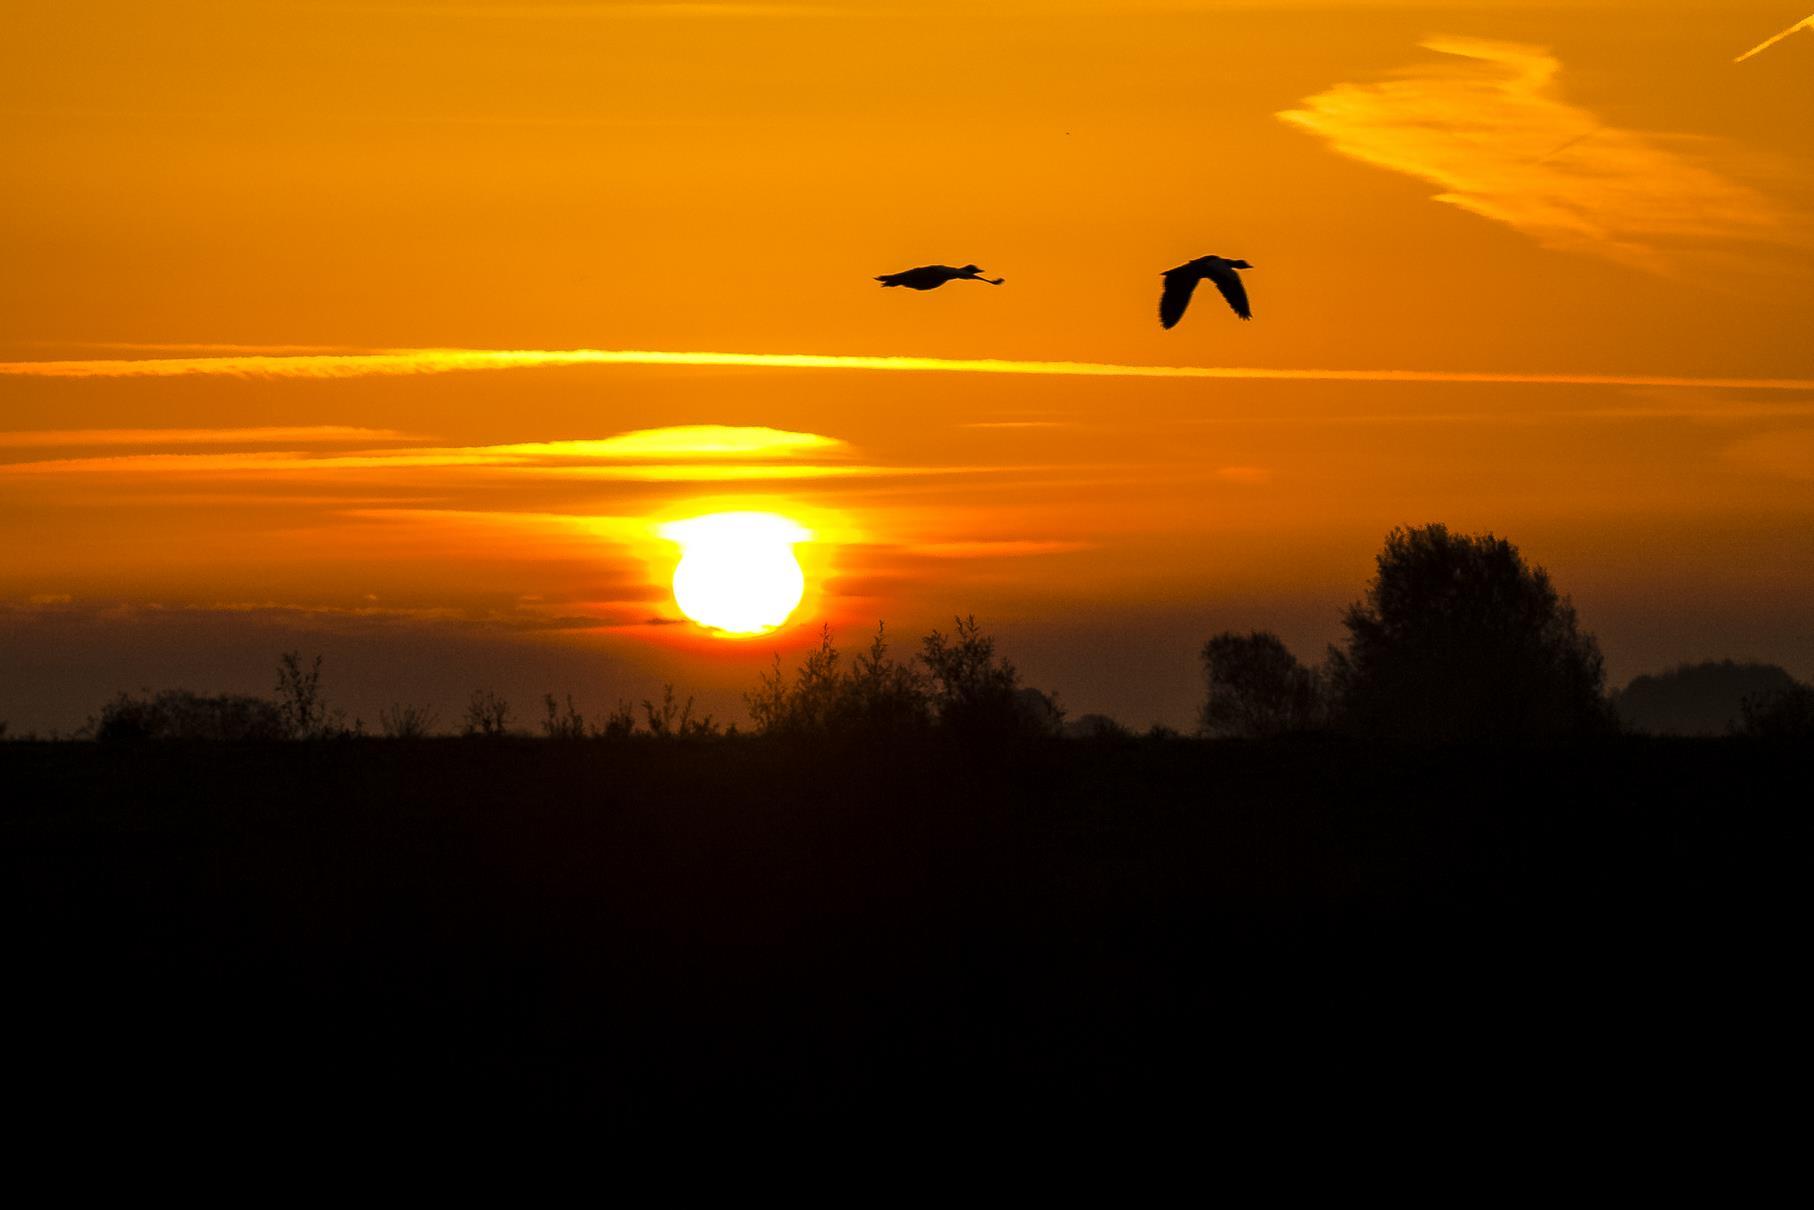 Fliegende Gänse in der Morgensonne.